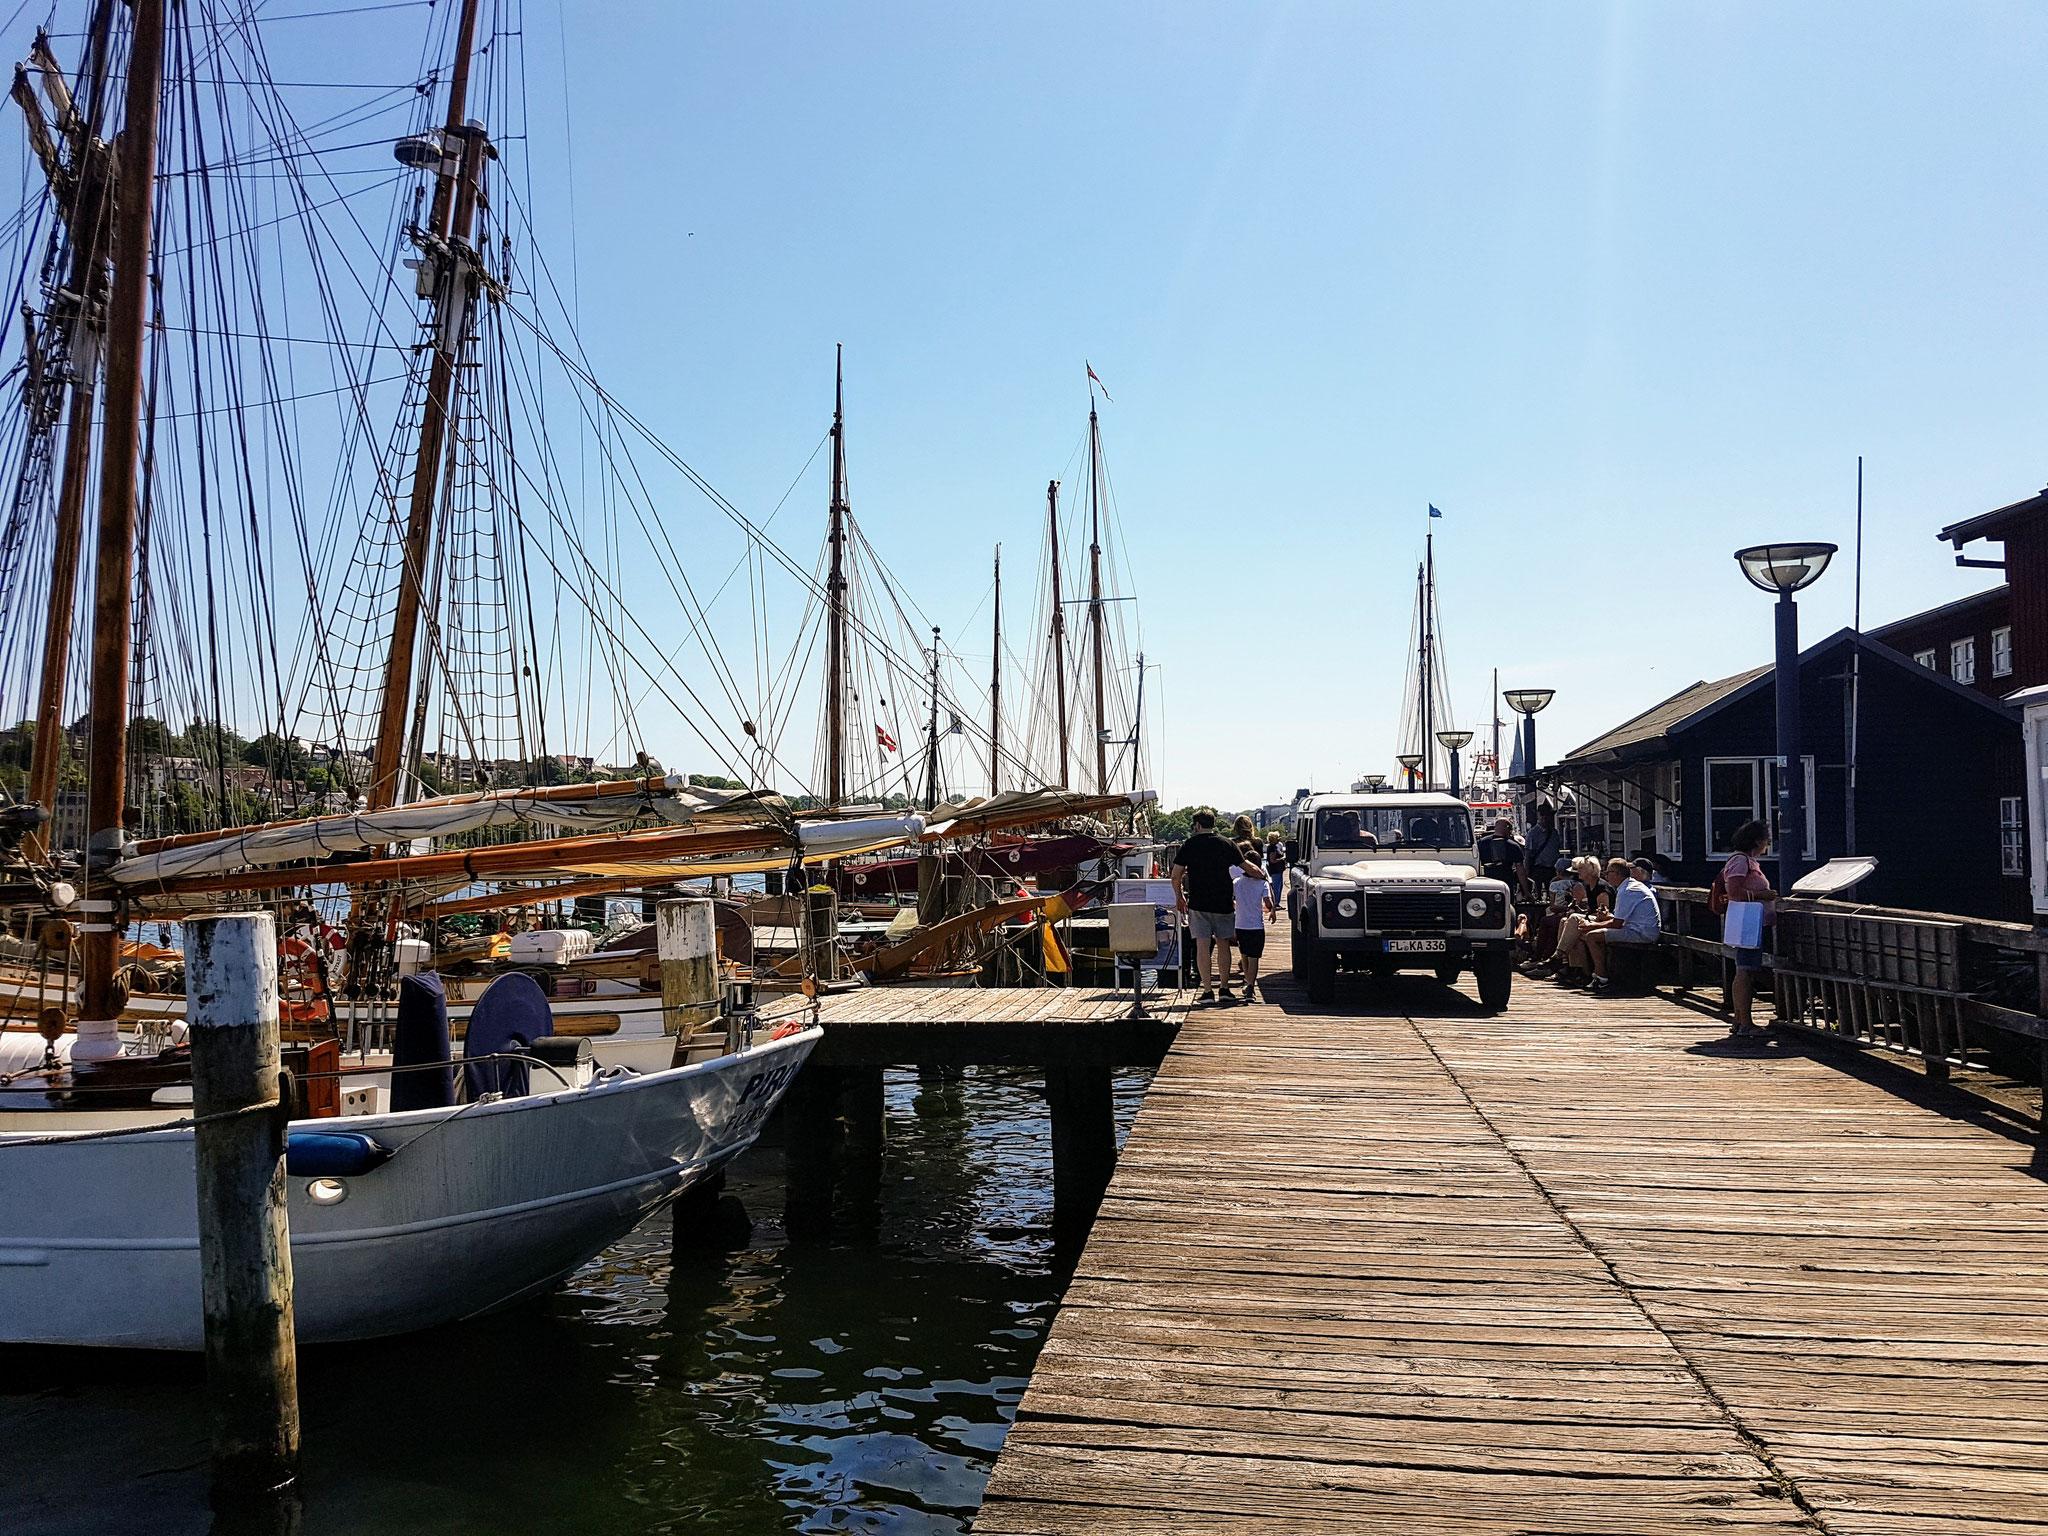 alter Hafen in Flensburg